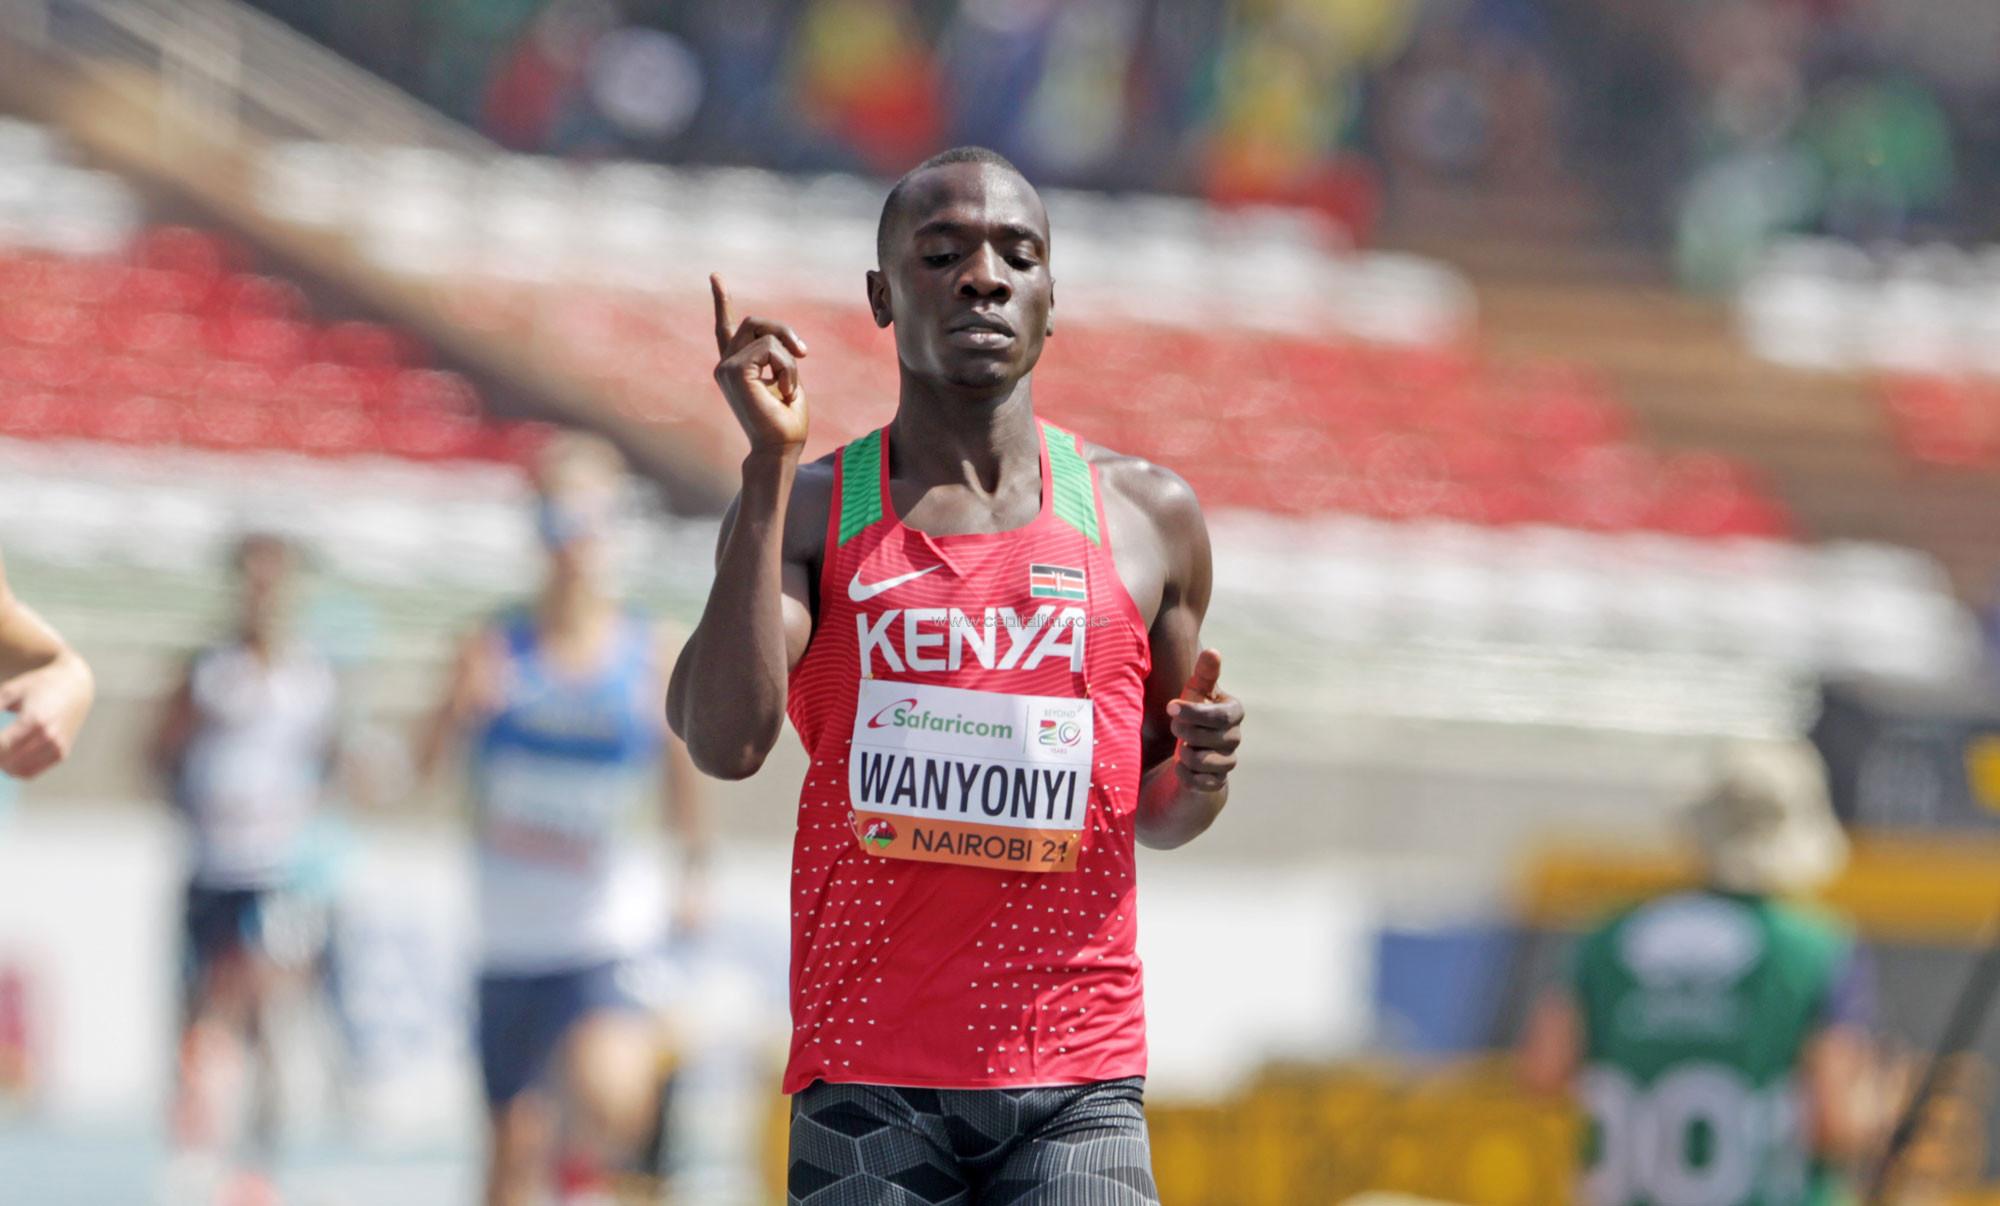 Emmanuel Wanyonyi. Η ιστορία ενός βοσκού που έγινε Παγκόσμιος Πρωταθλητής